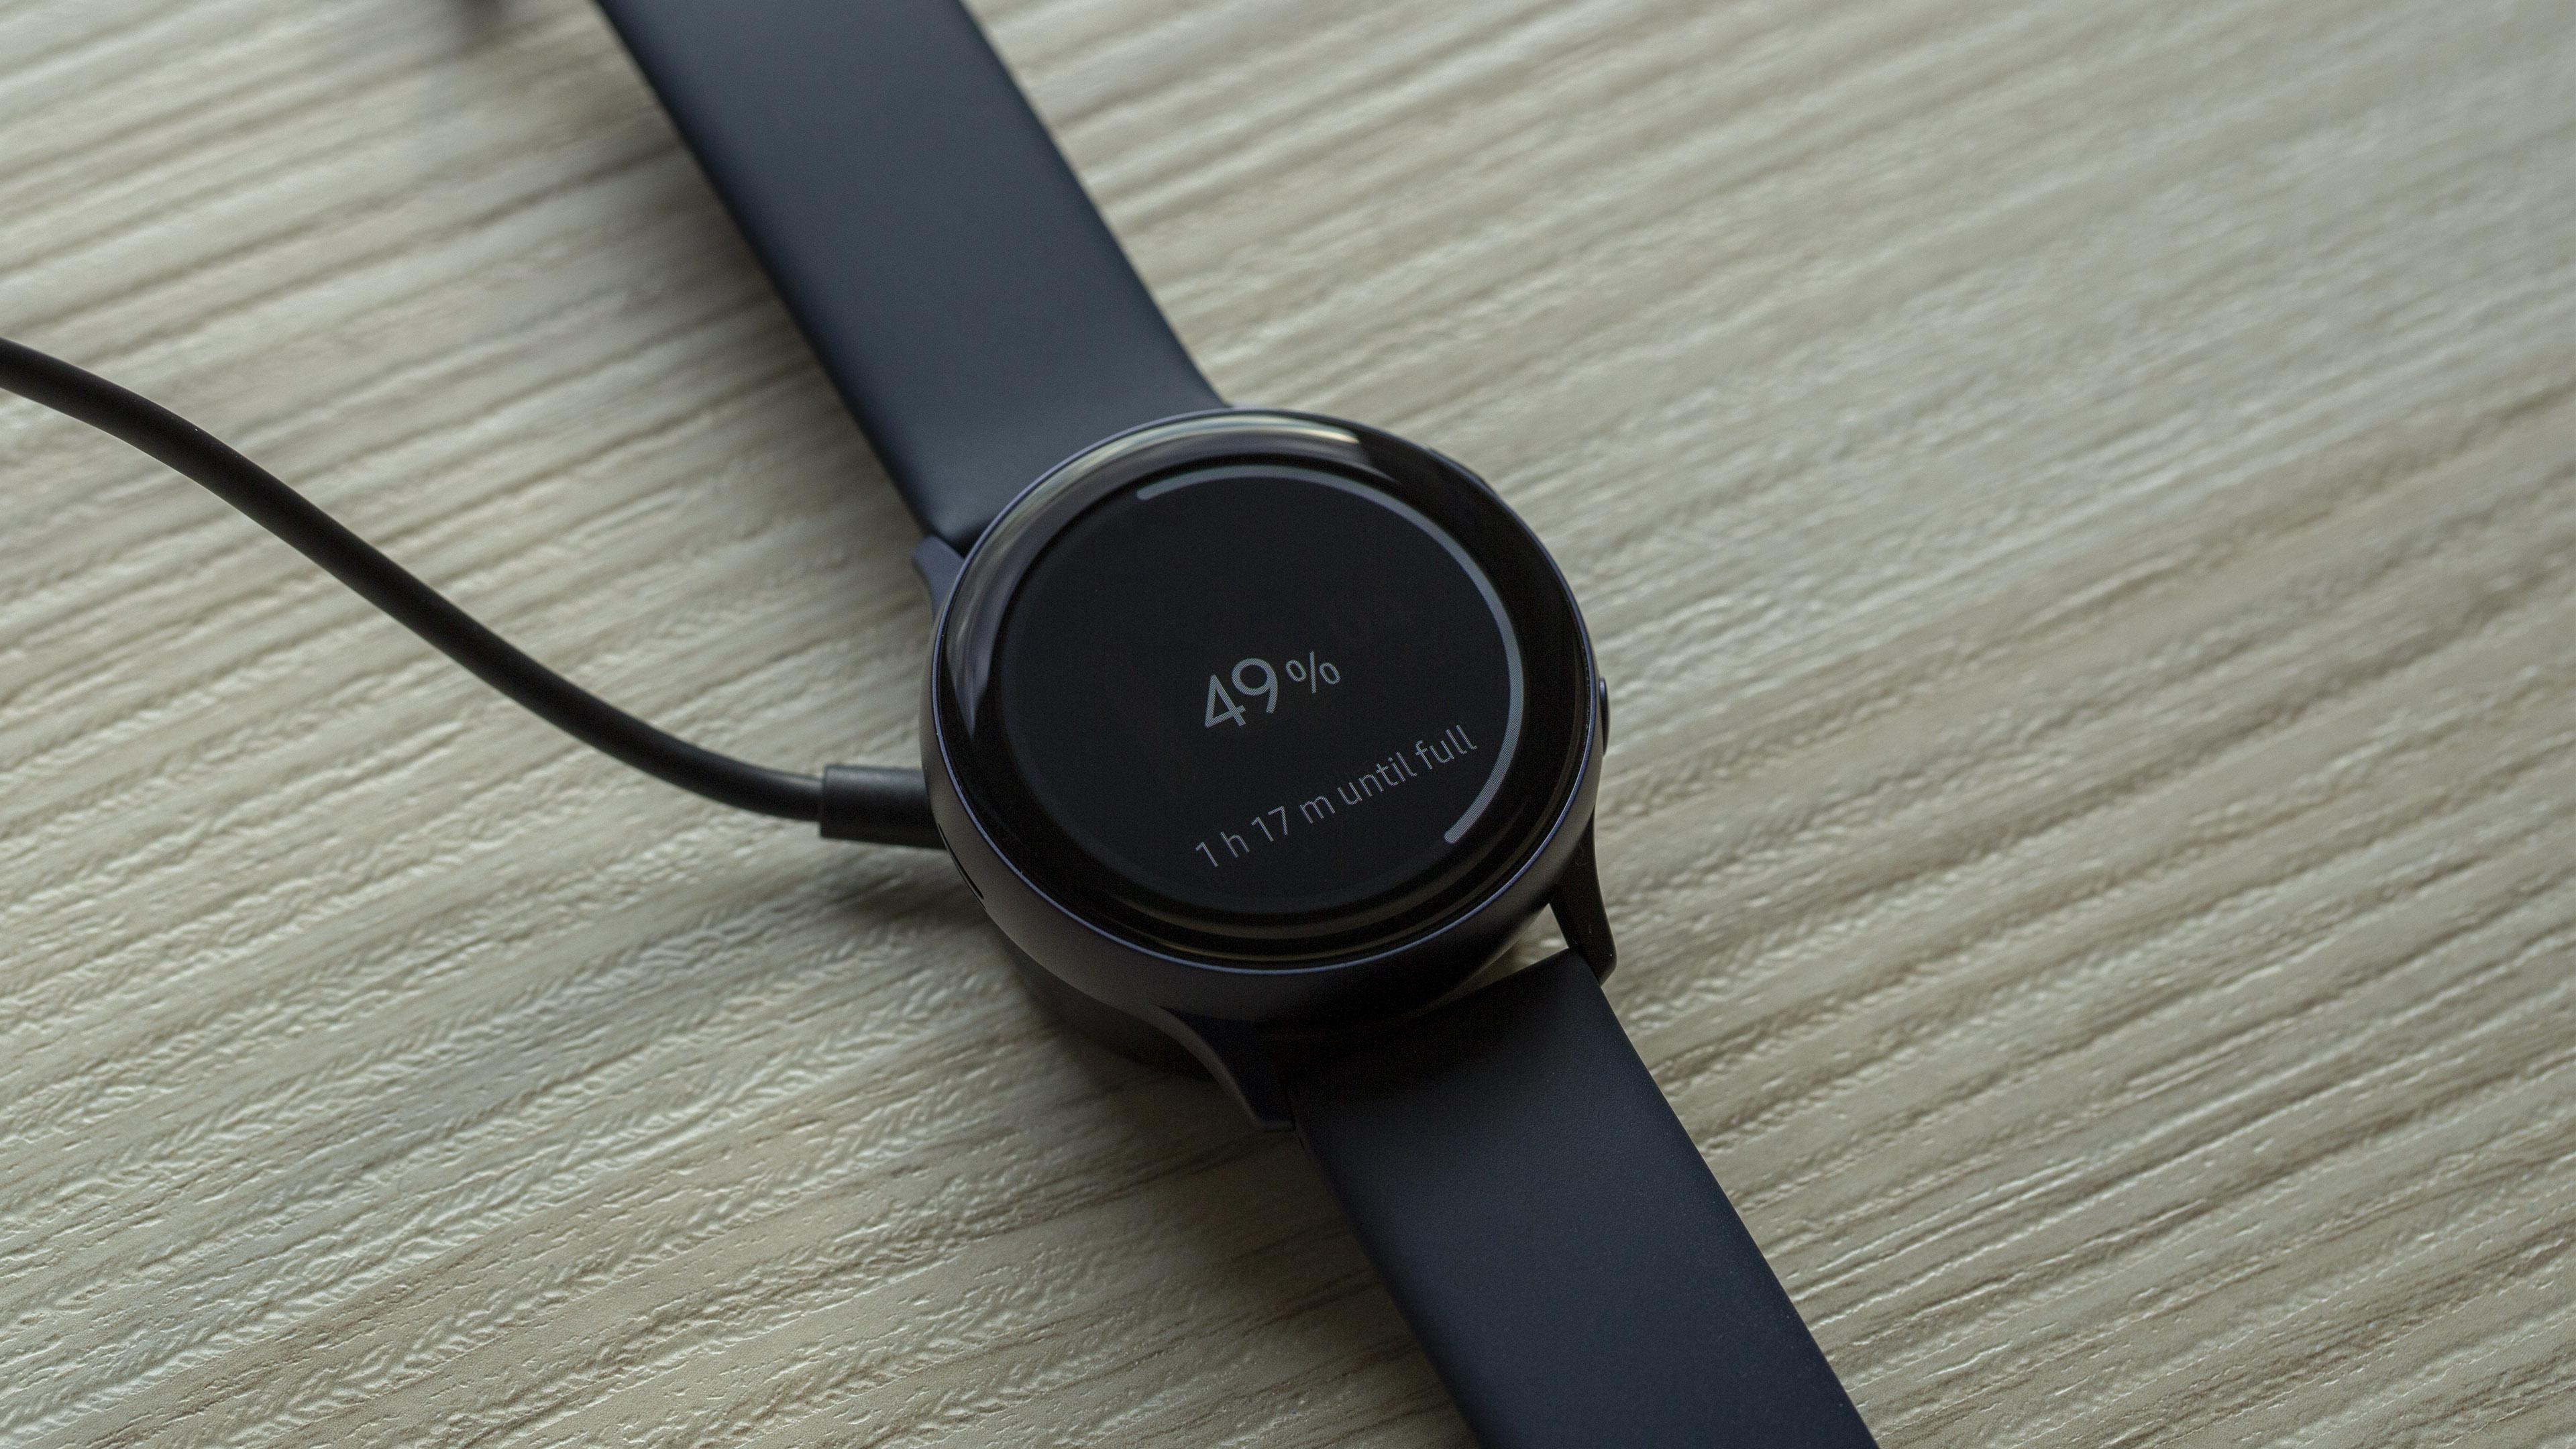 Galaxy Active 2 Am Watch TestEleganz Samsung Im Arm srdthCQx